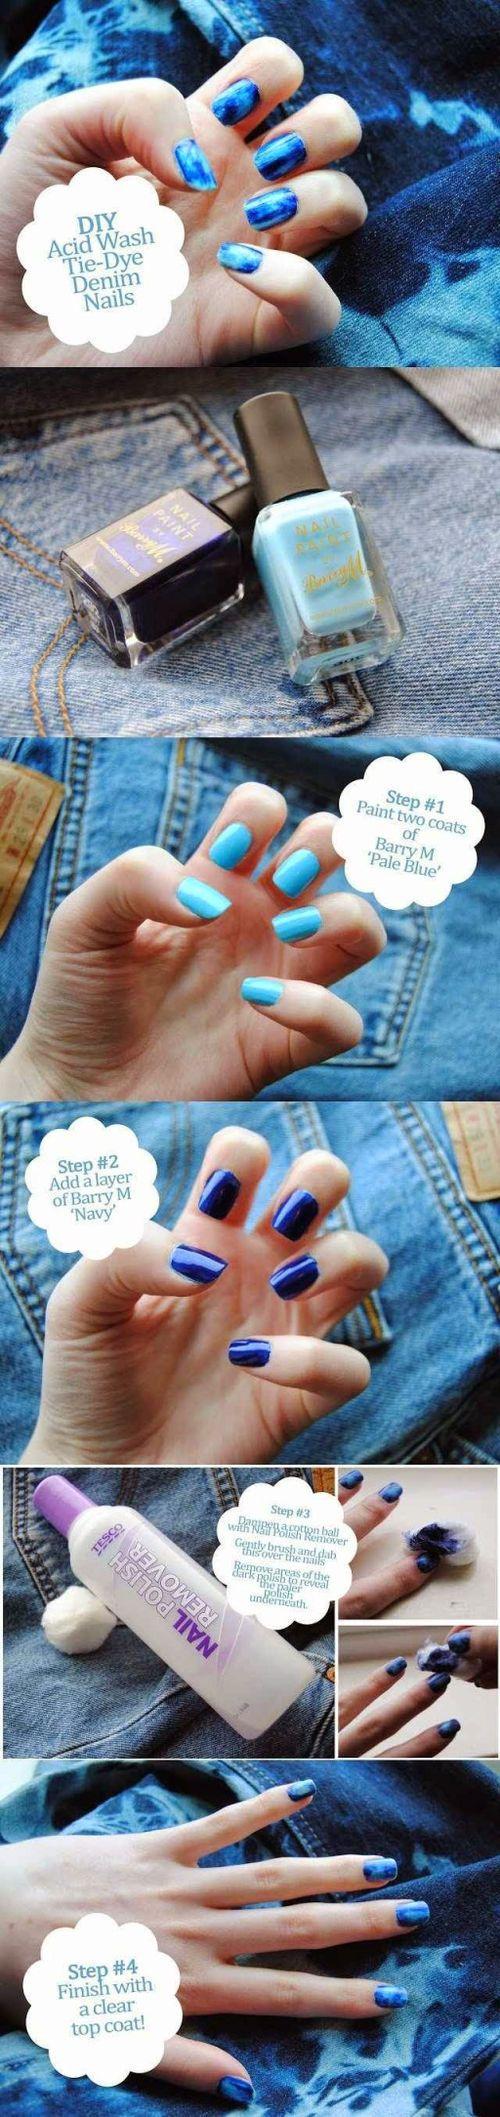 90 besten Nail Bilder auf Pinterest   Nageldesign, Nagelkunst und ...